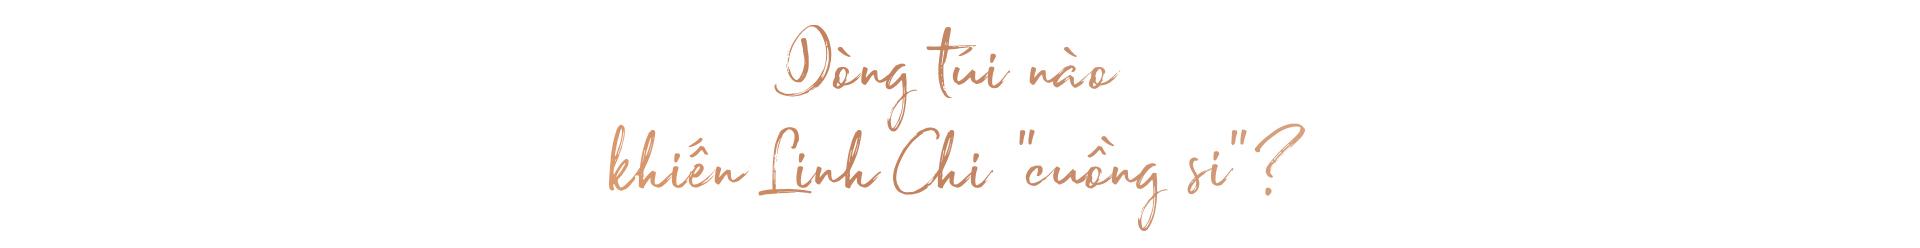 Á hậu Linh Chi - Chuyện tình bị đồn, chuyện túi bị soi